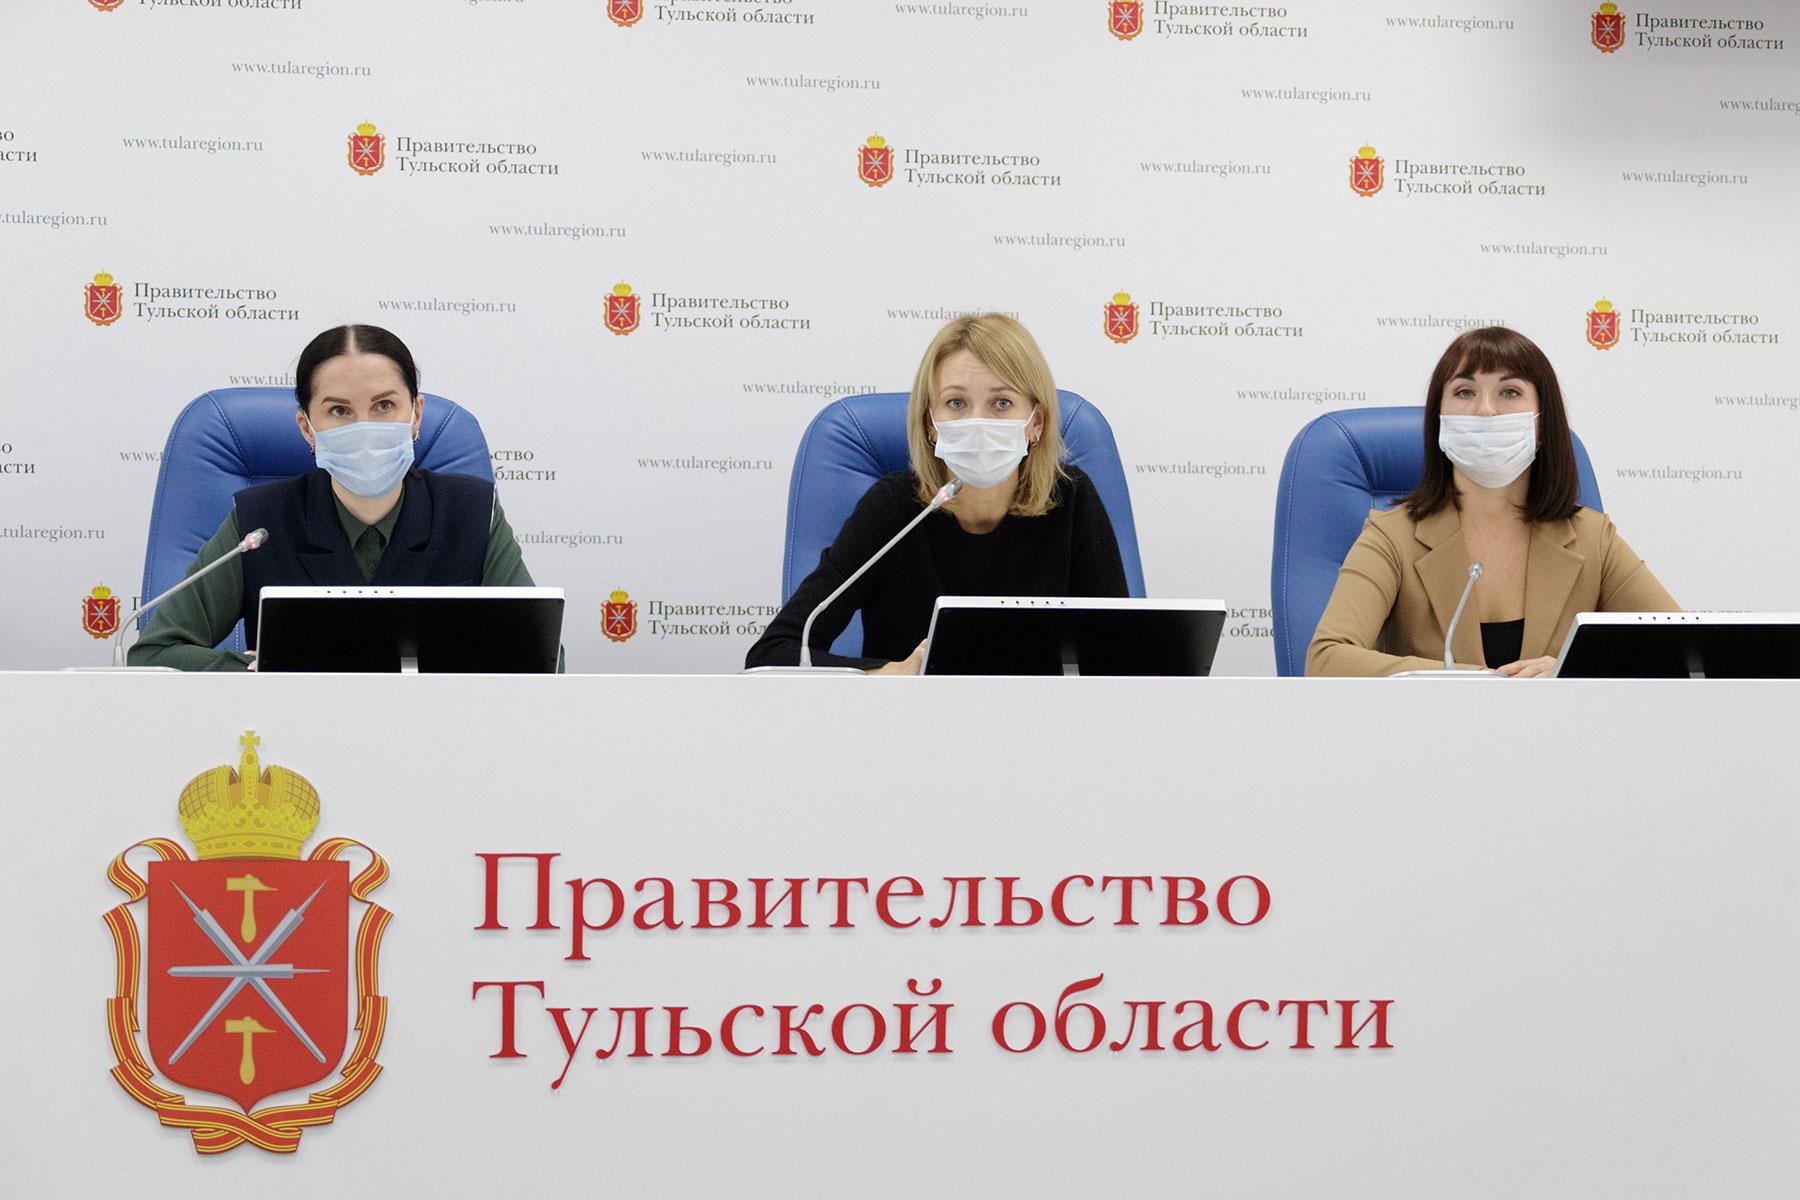 В правительстве Тульской области разъяснили порядок получения и использования QR-кодов о вакцинации